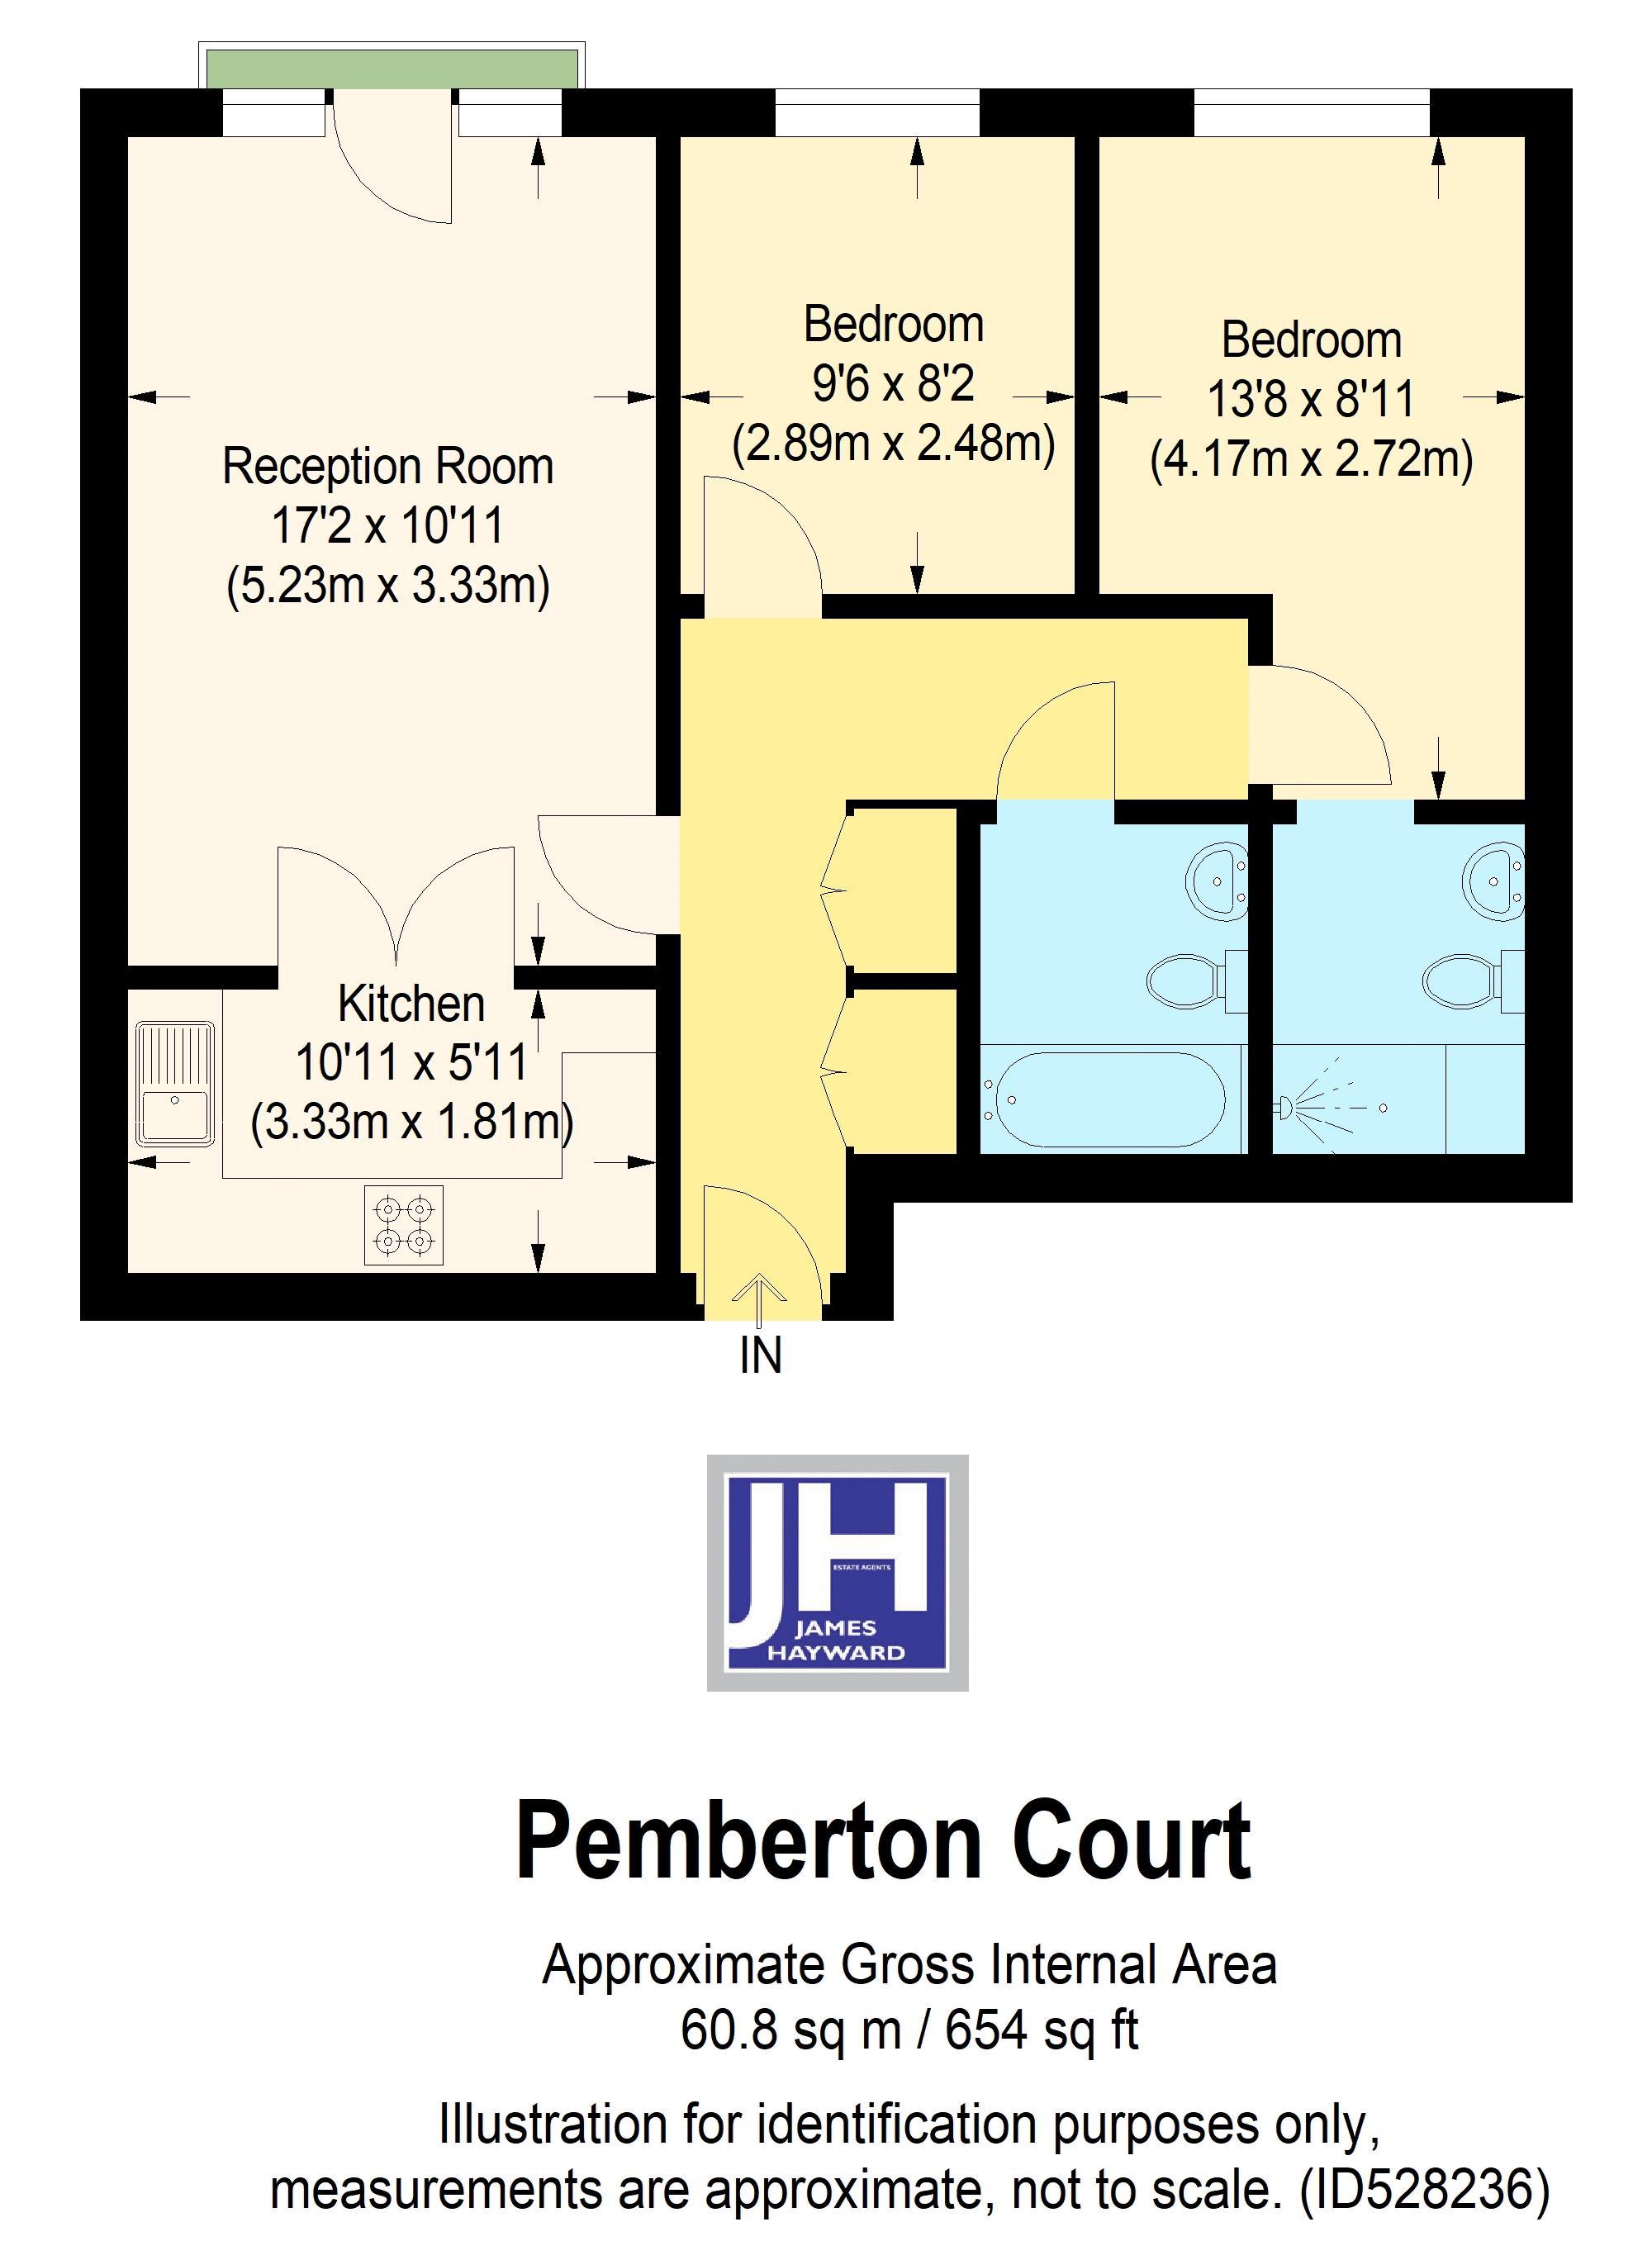 Pemberton Court